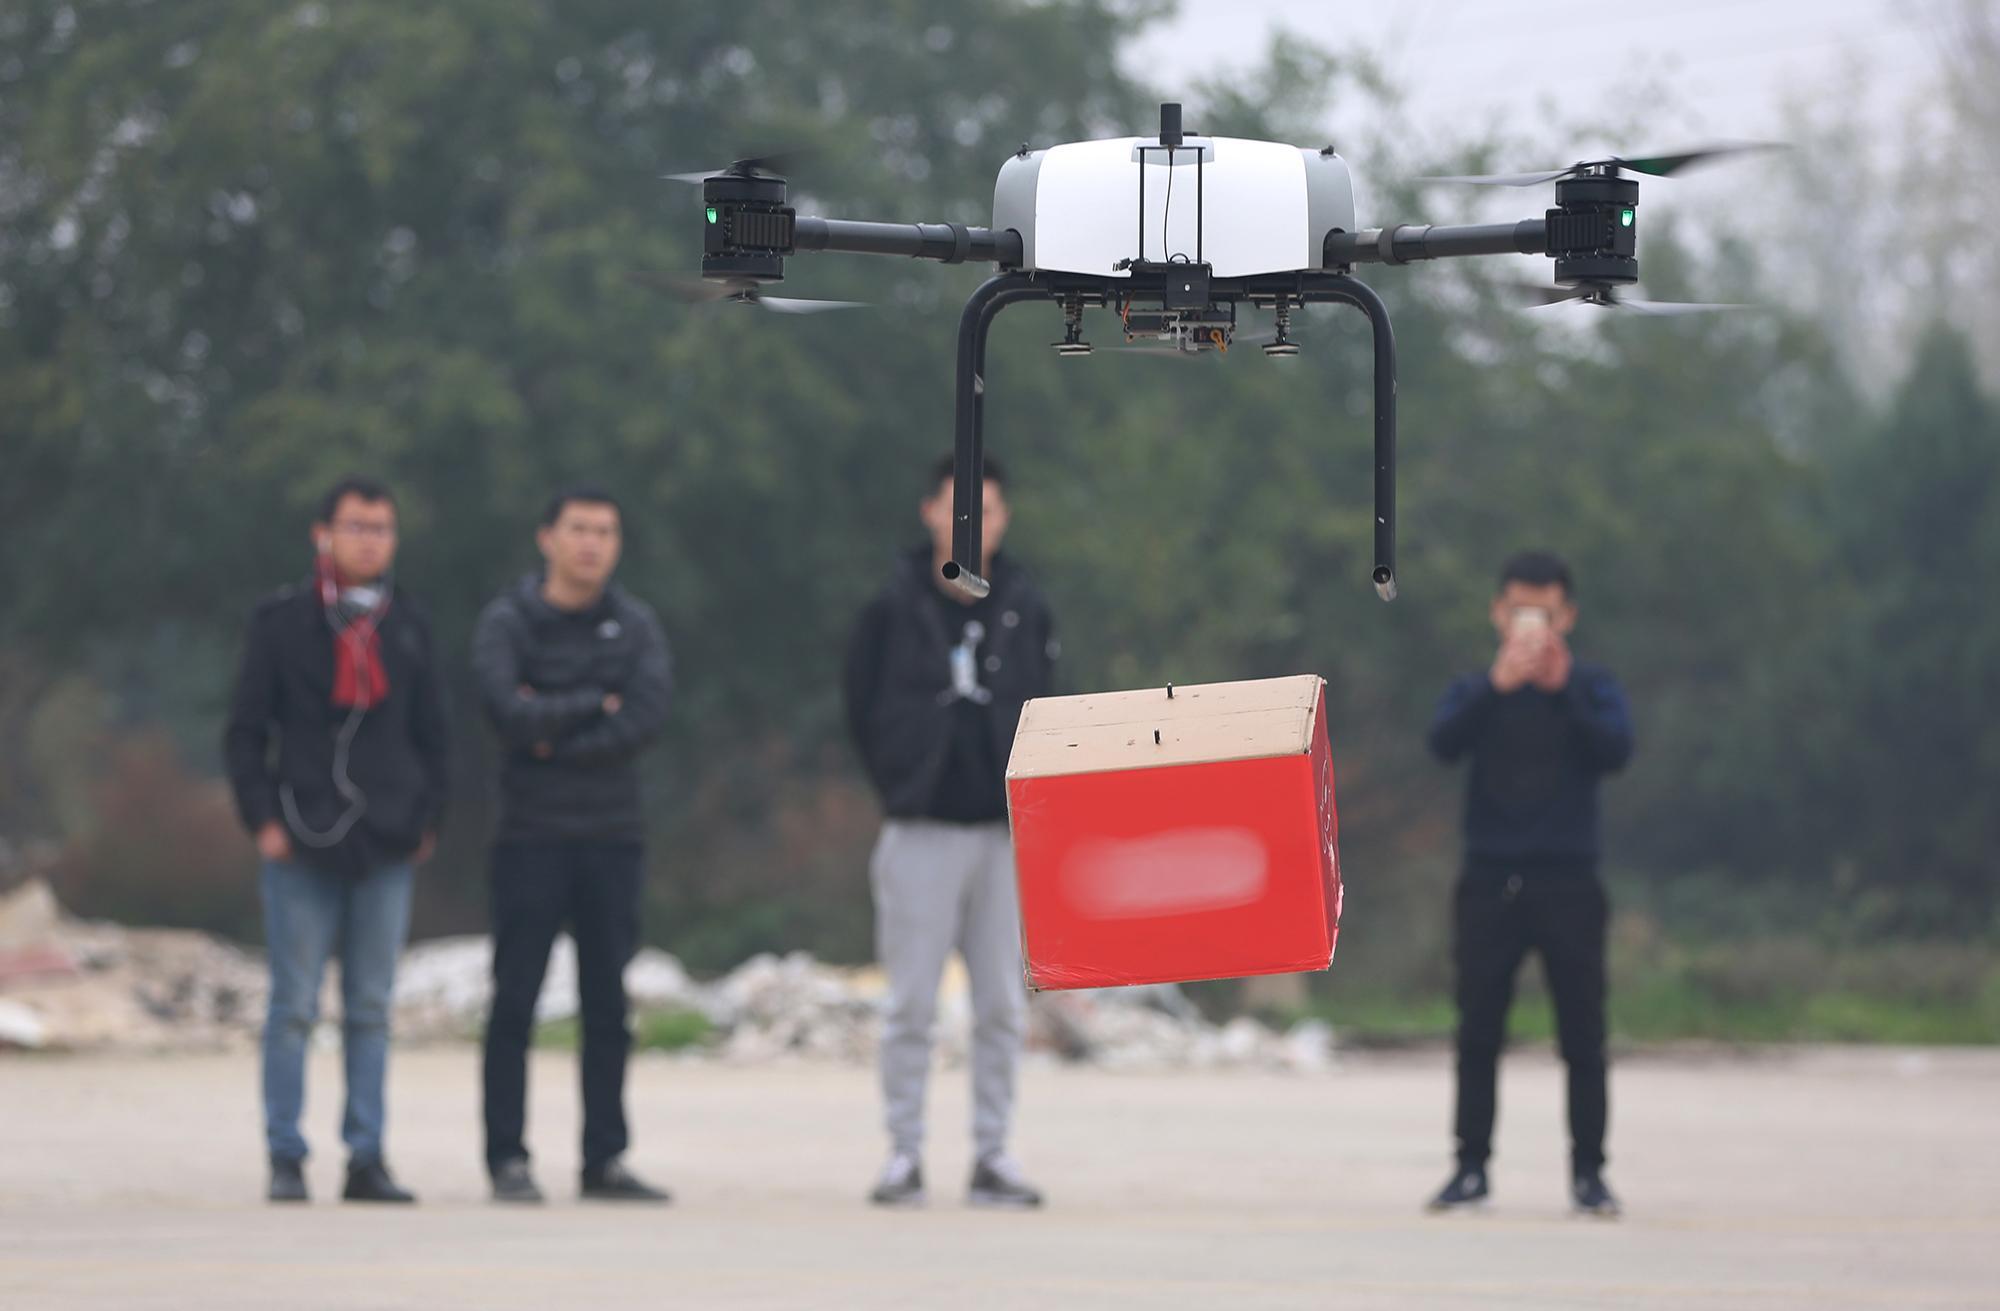 智能走进生活 无人机8分钟能把快递送到家